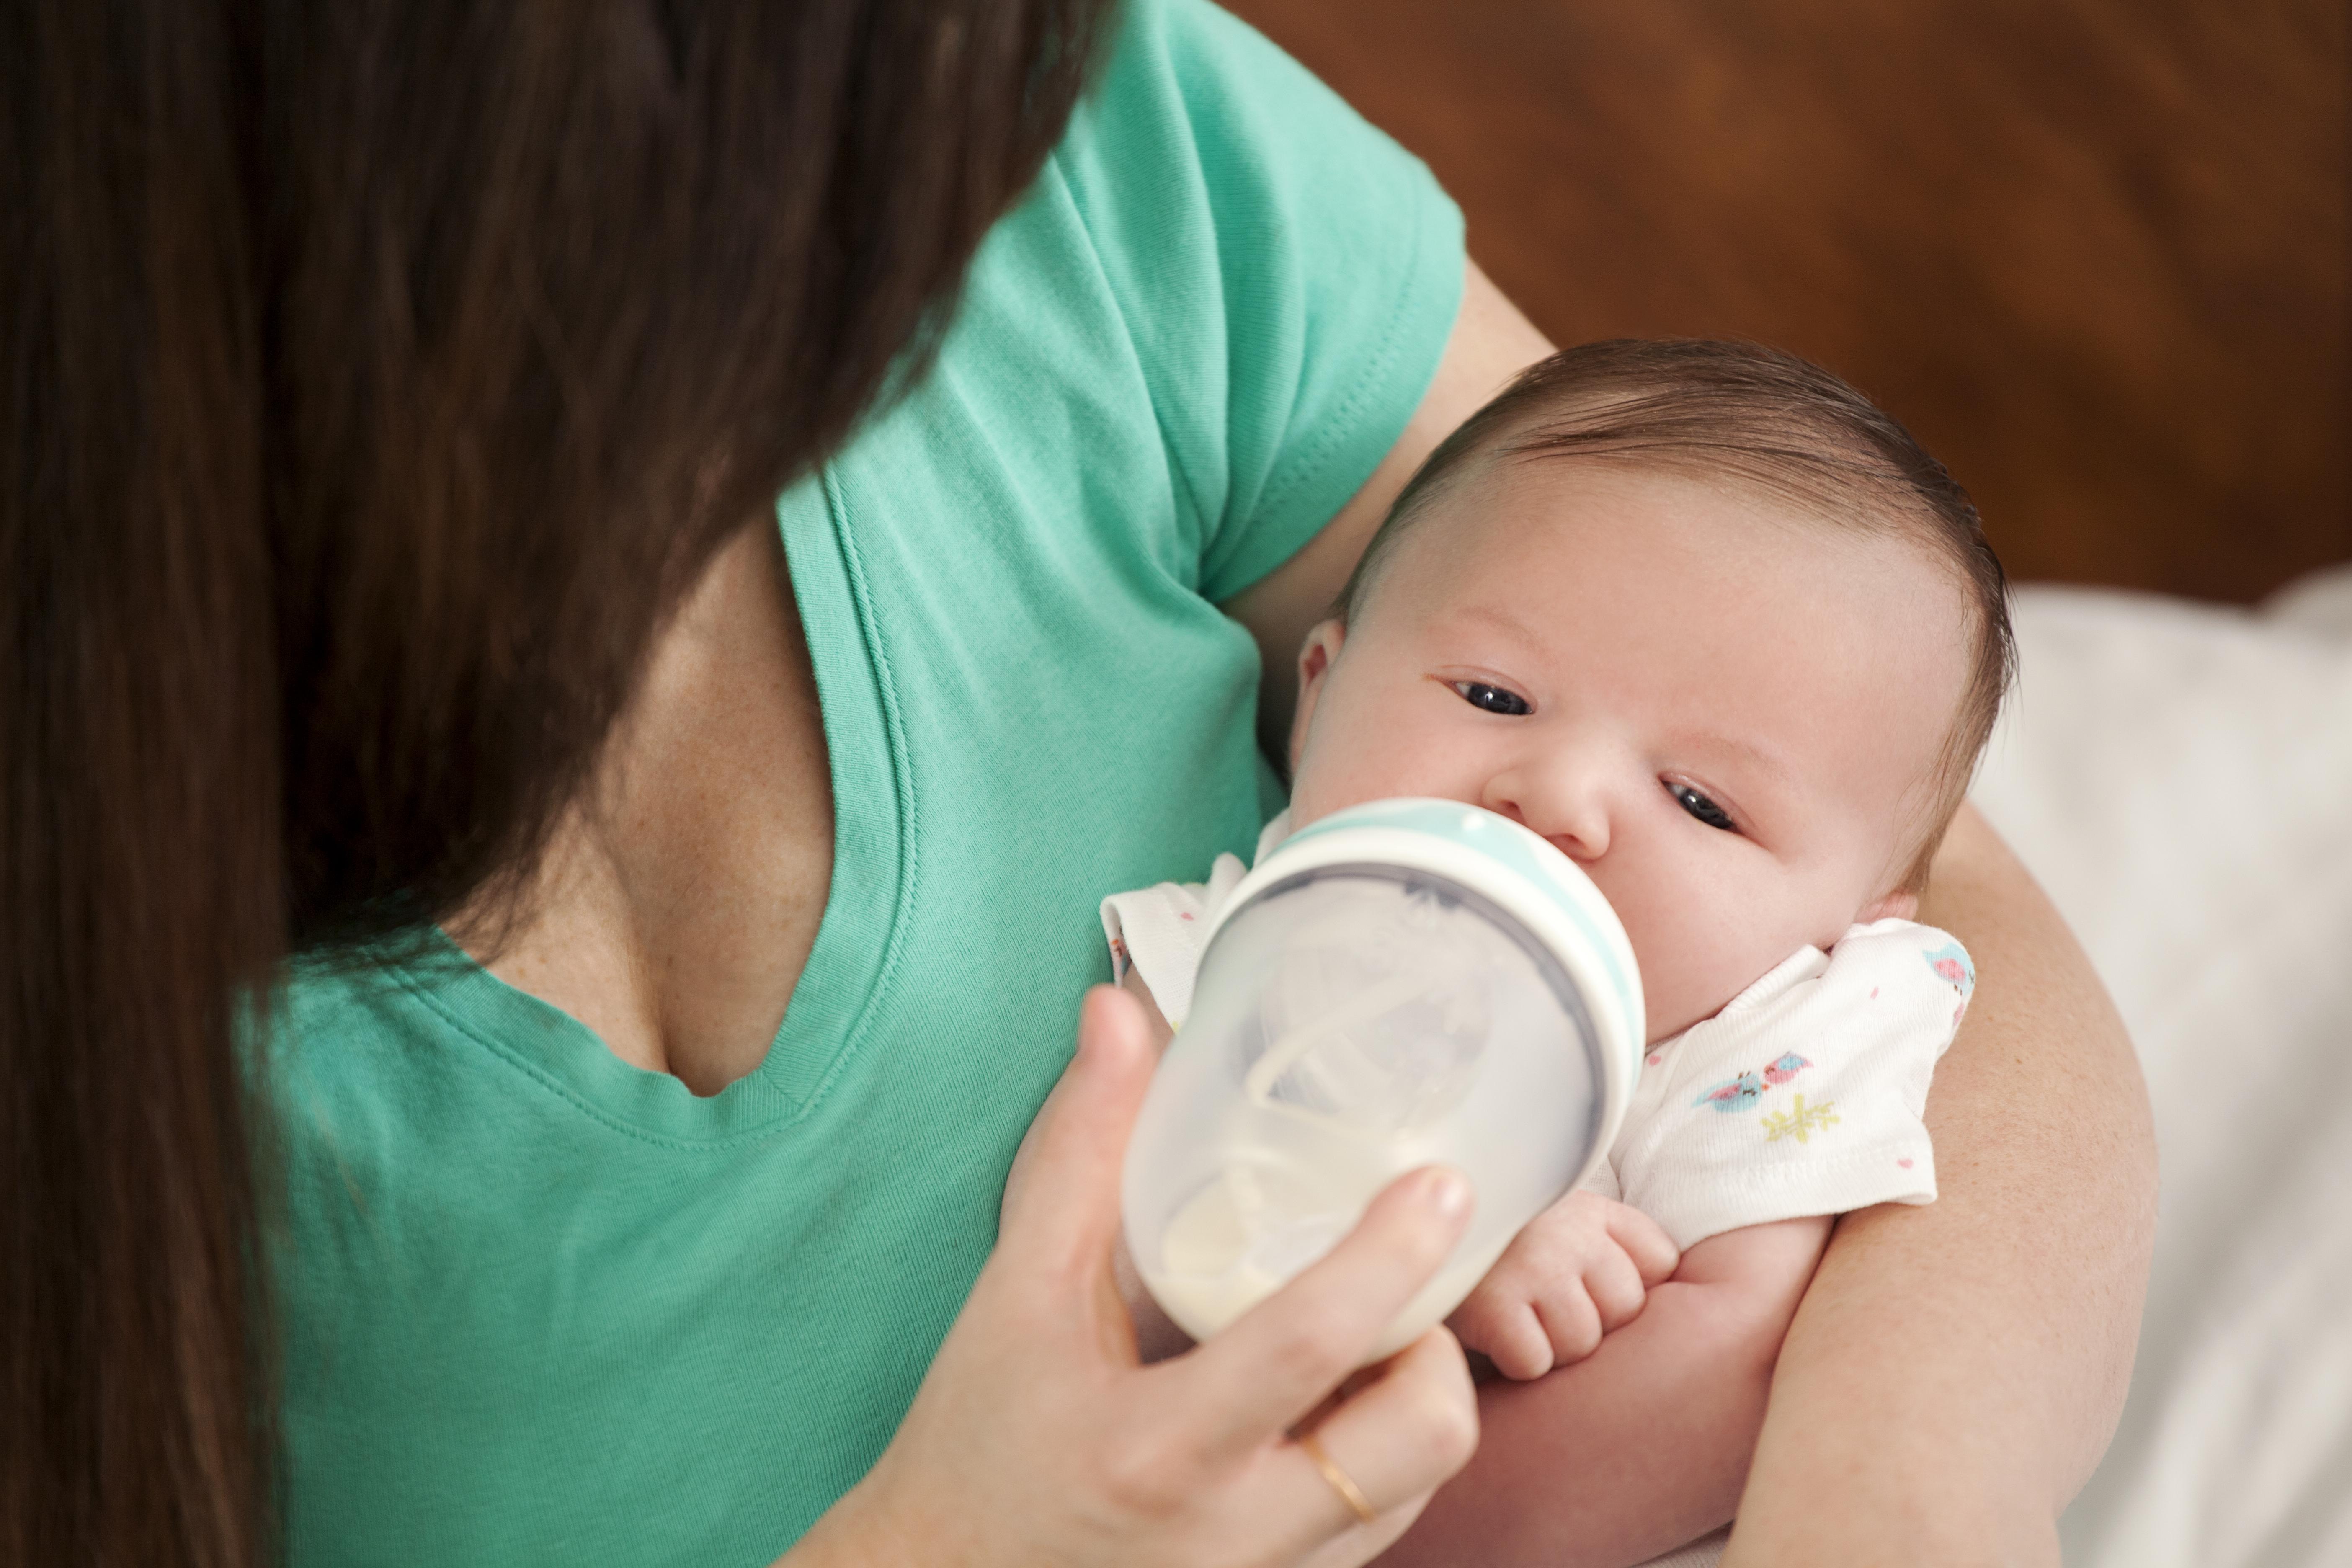 奶瓶大突破!徹底化解媽咪的餵奶困擾